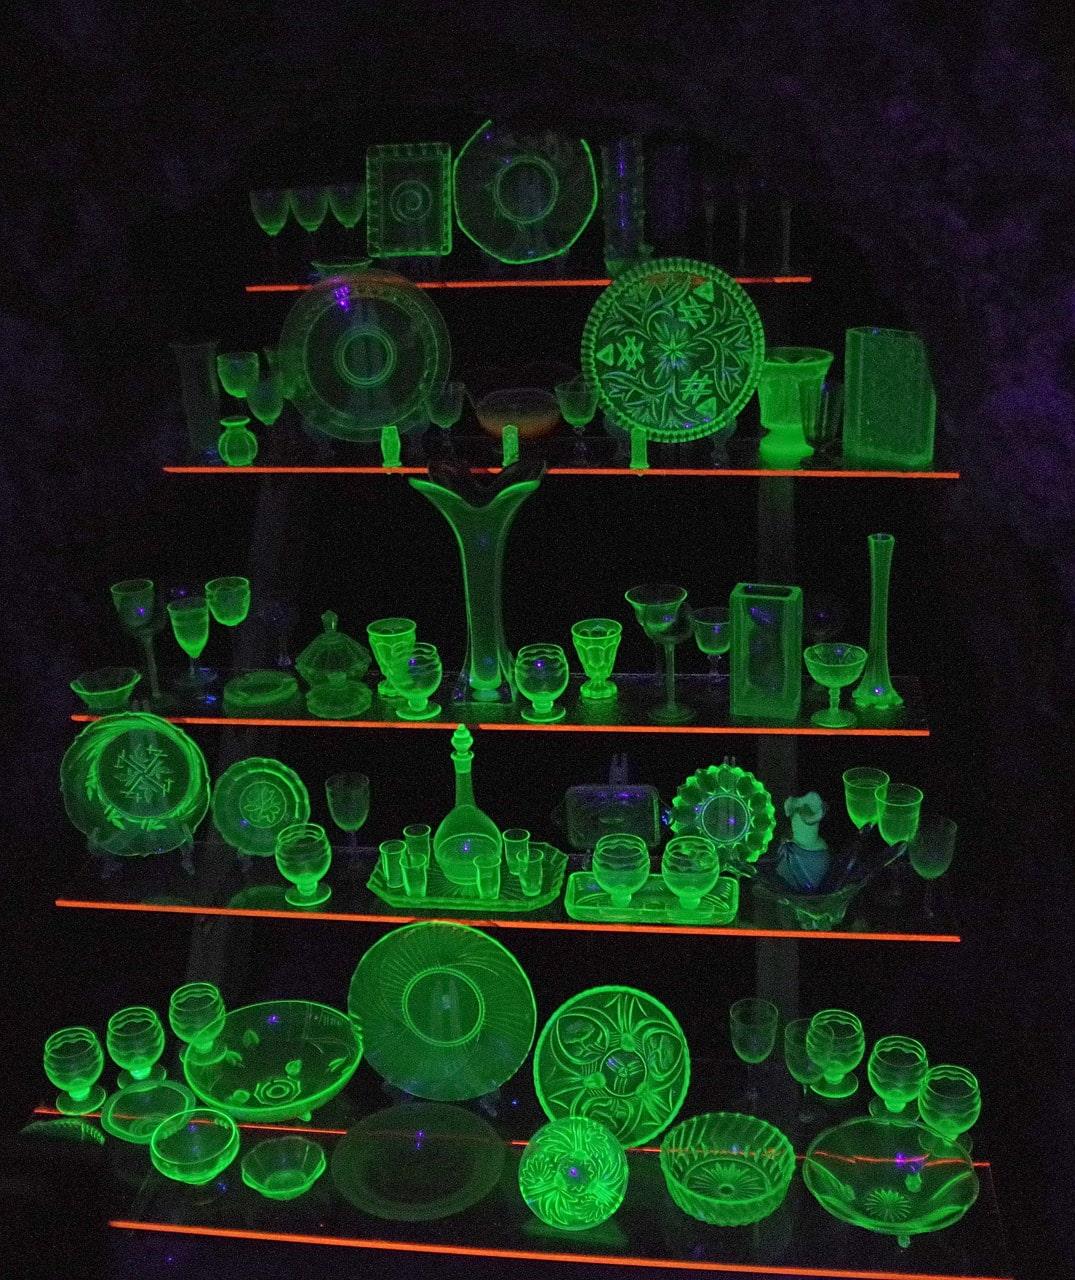 Szkło uranowe ustawione na półkach, świecące w ciemności